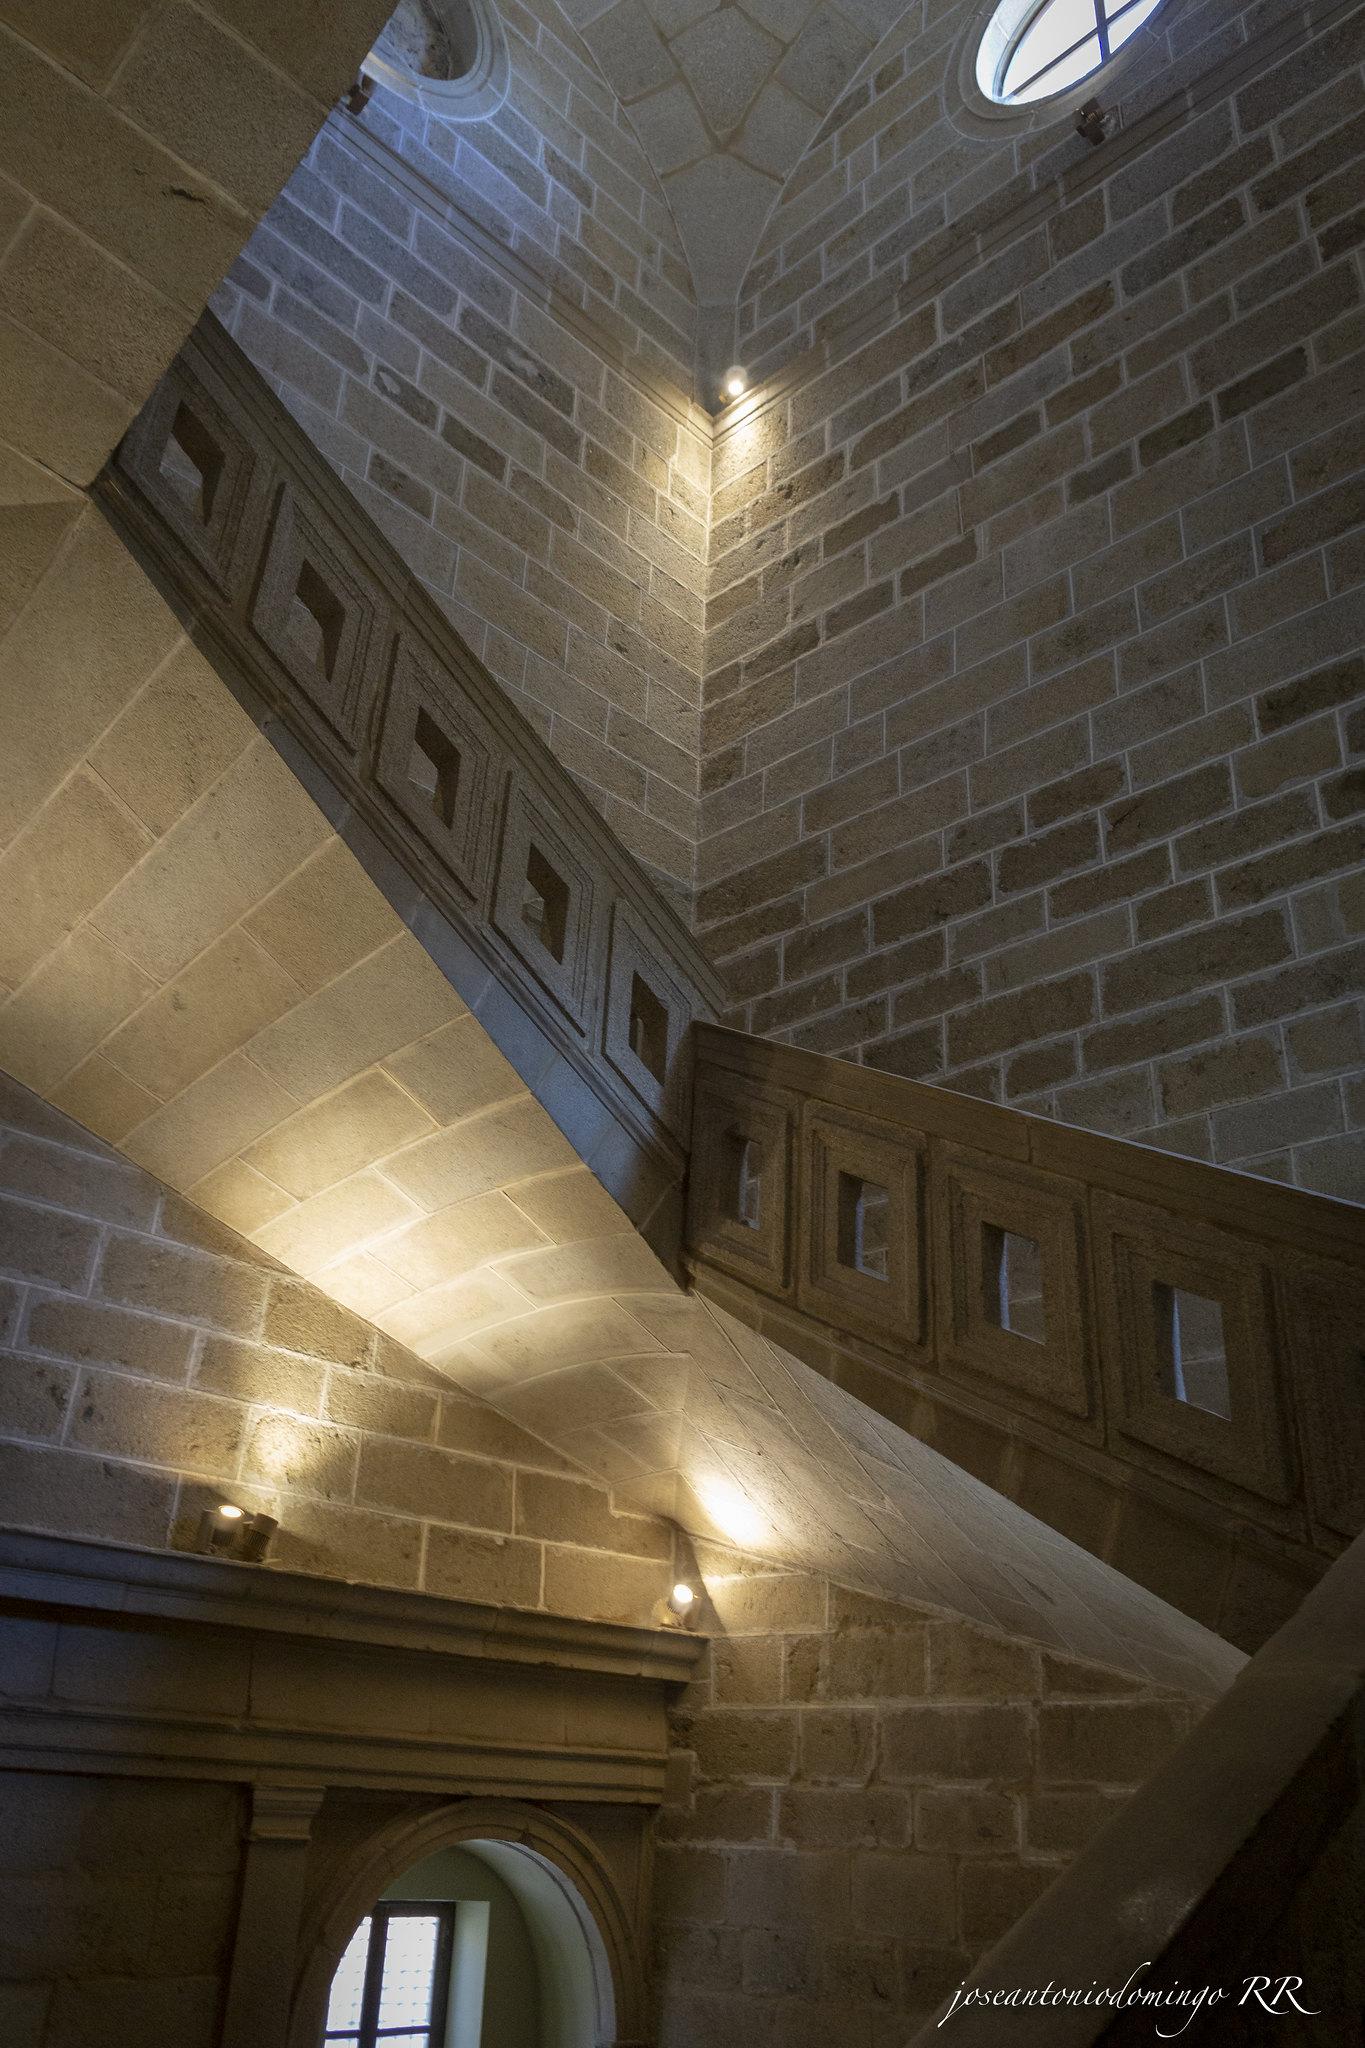 Escalera volada de cinco tramos.